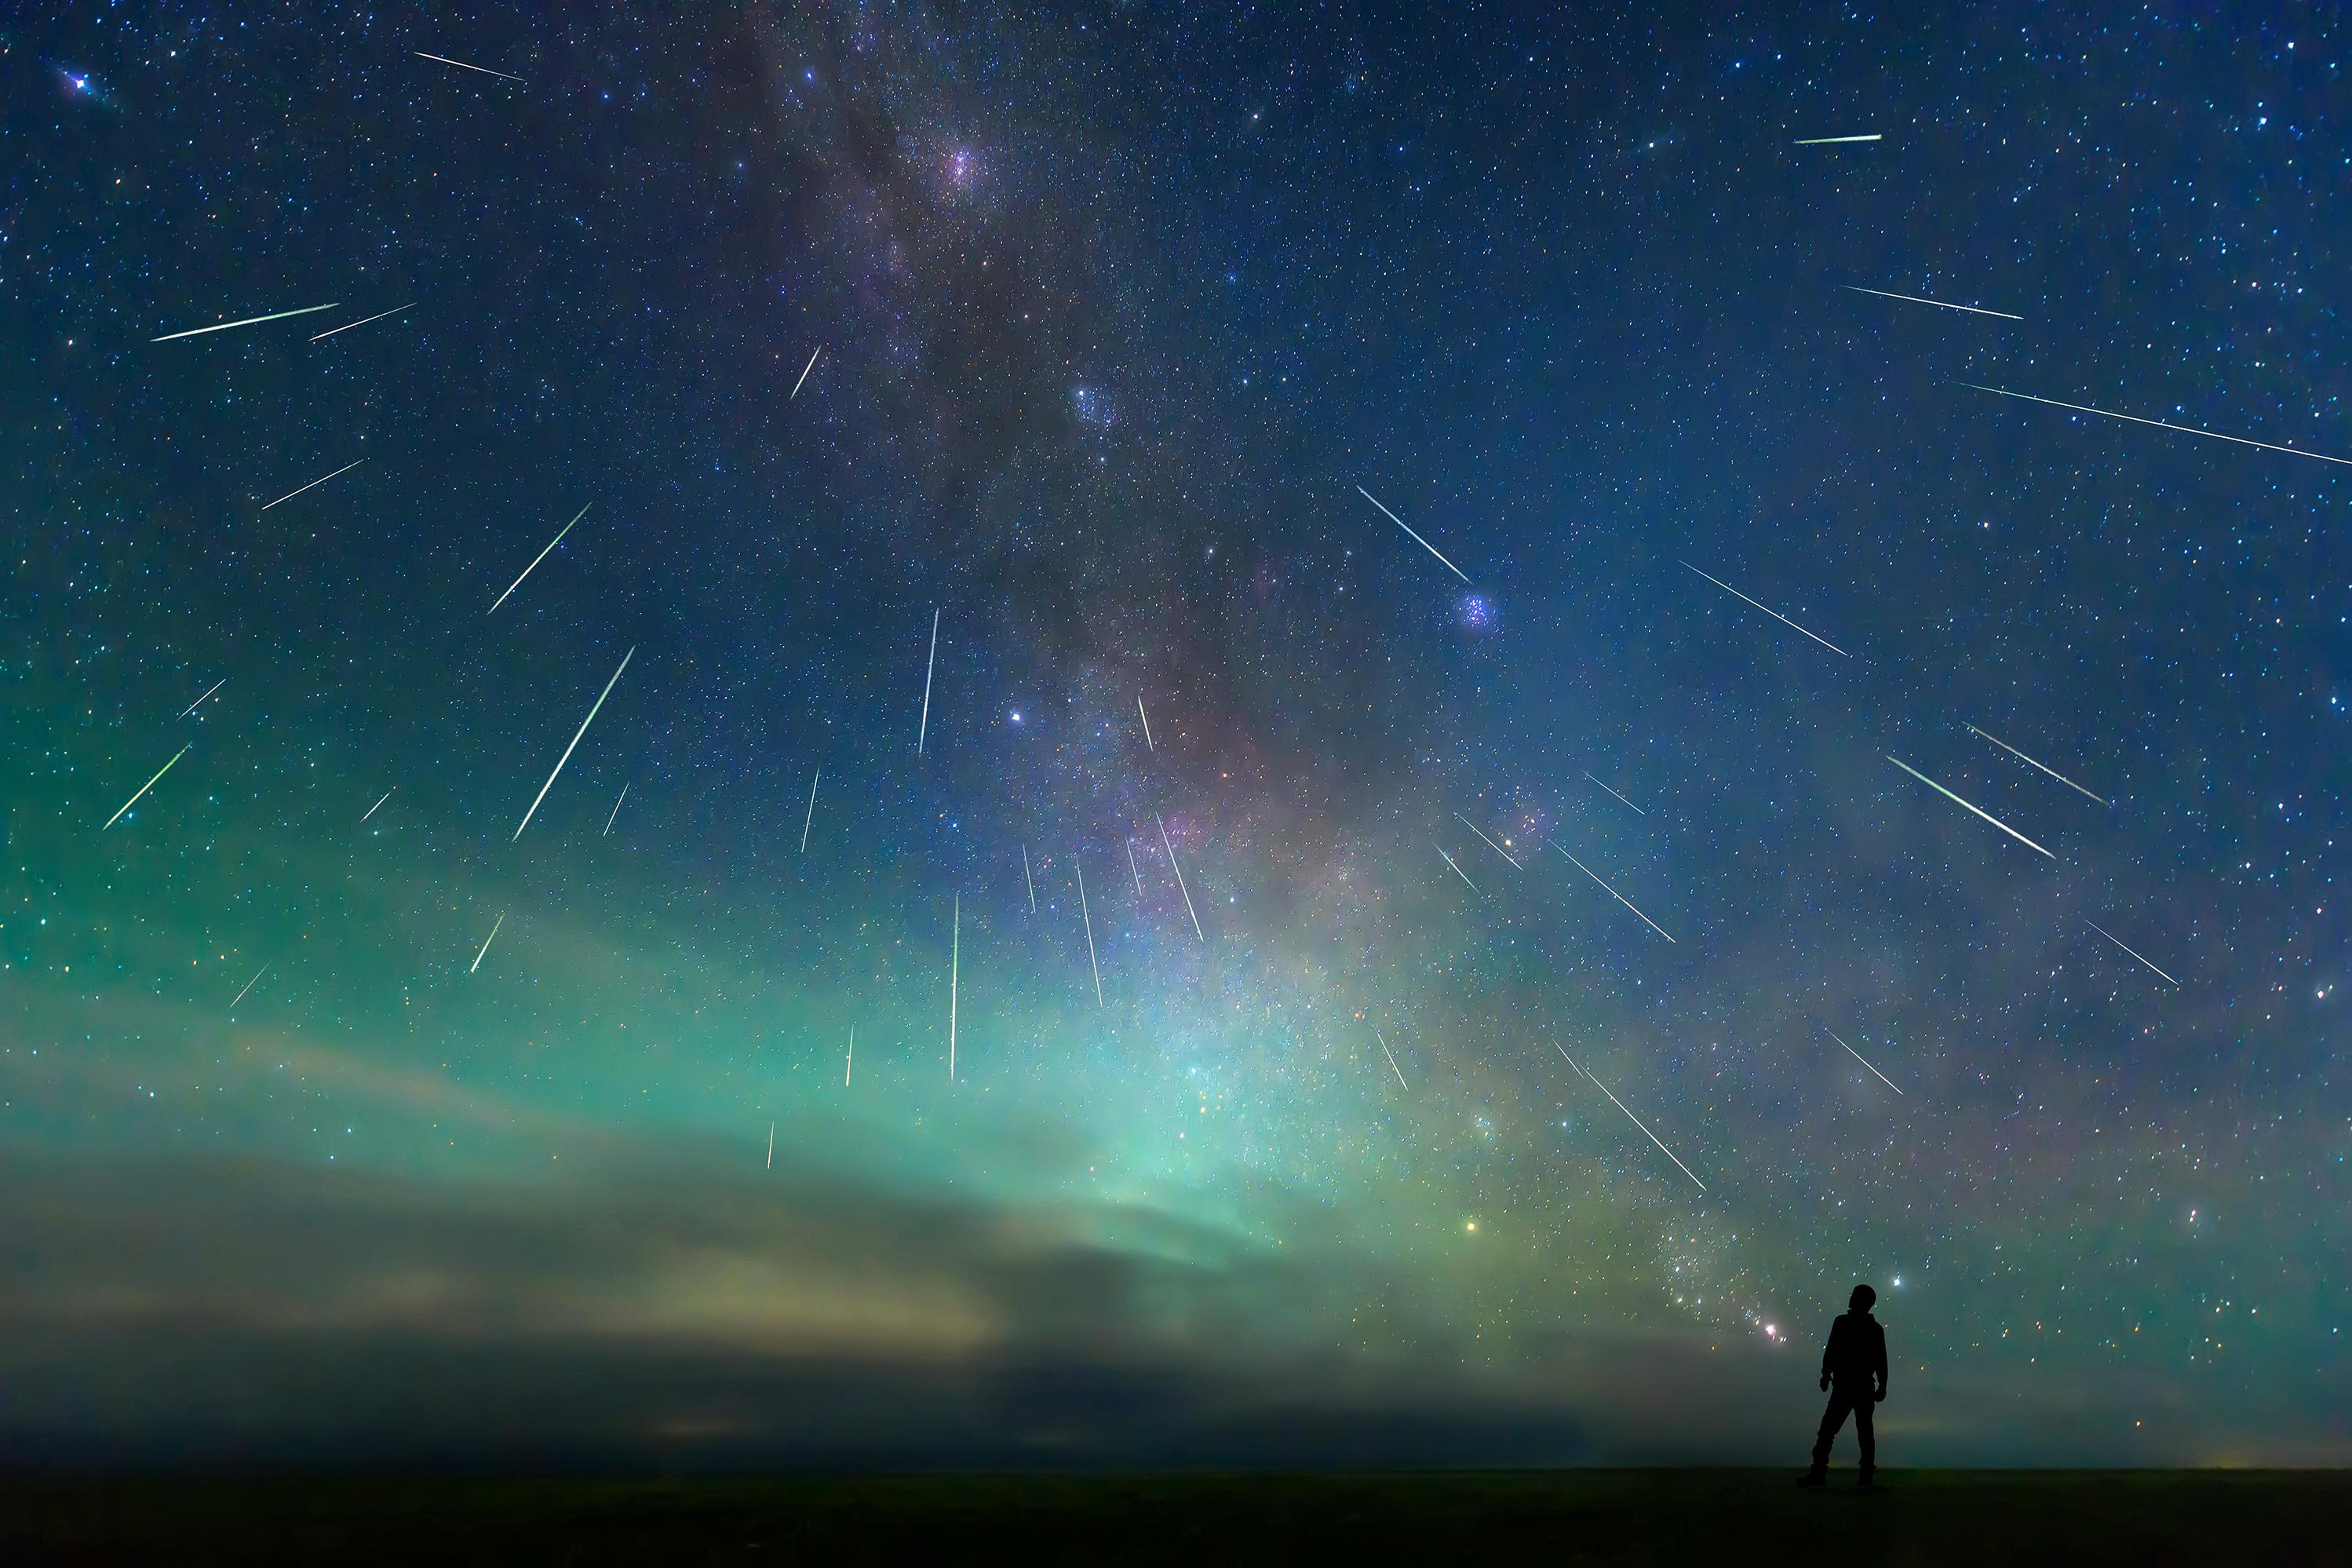 Bầu trời đêm xinh đẹp đầy ảo diệu